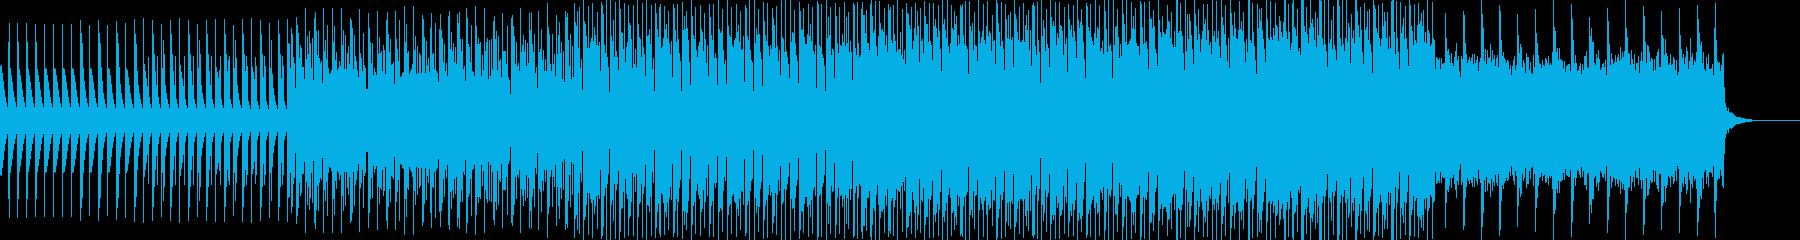 自動車のスペックなどを紹介する際のBGMの再生済みの波形